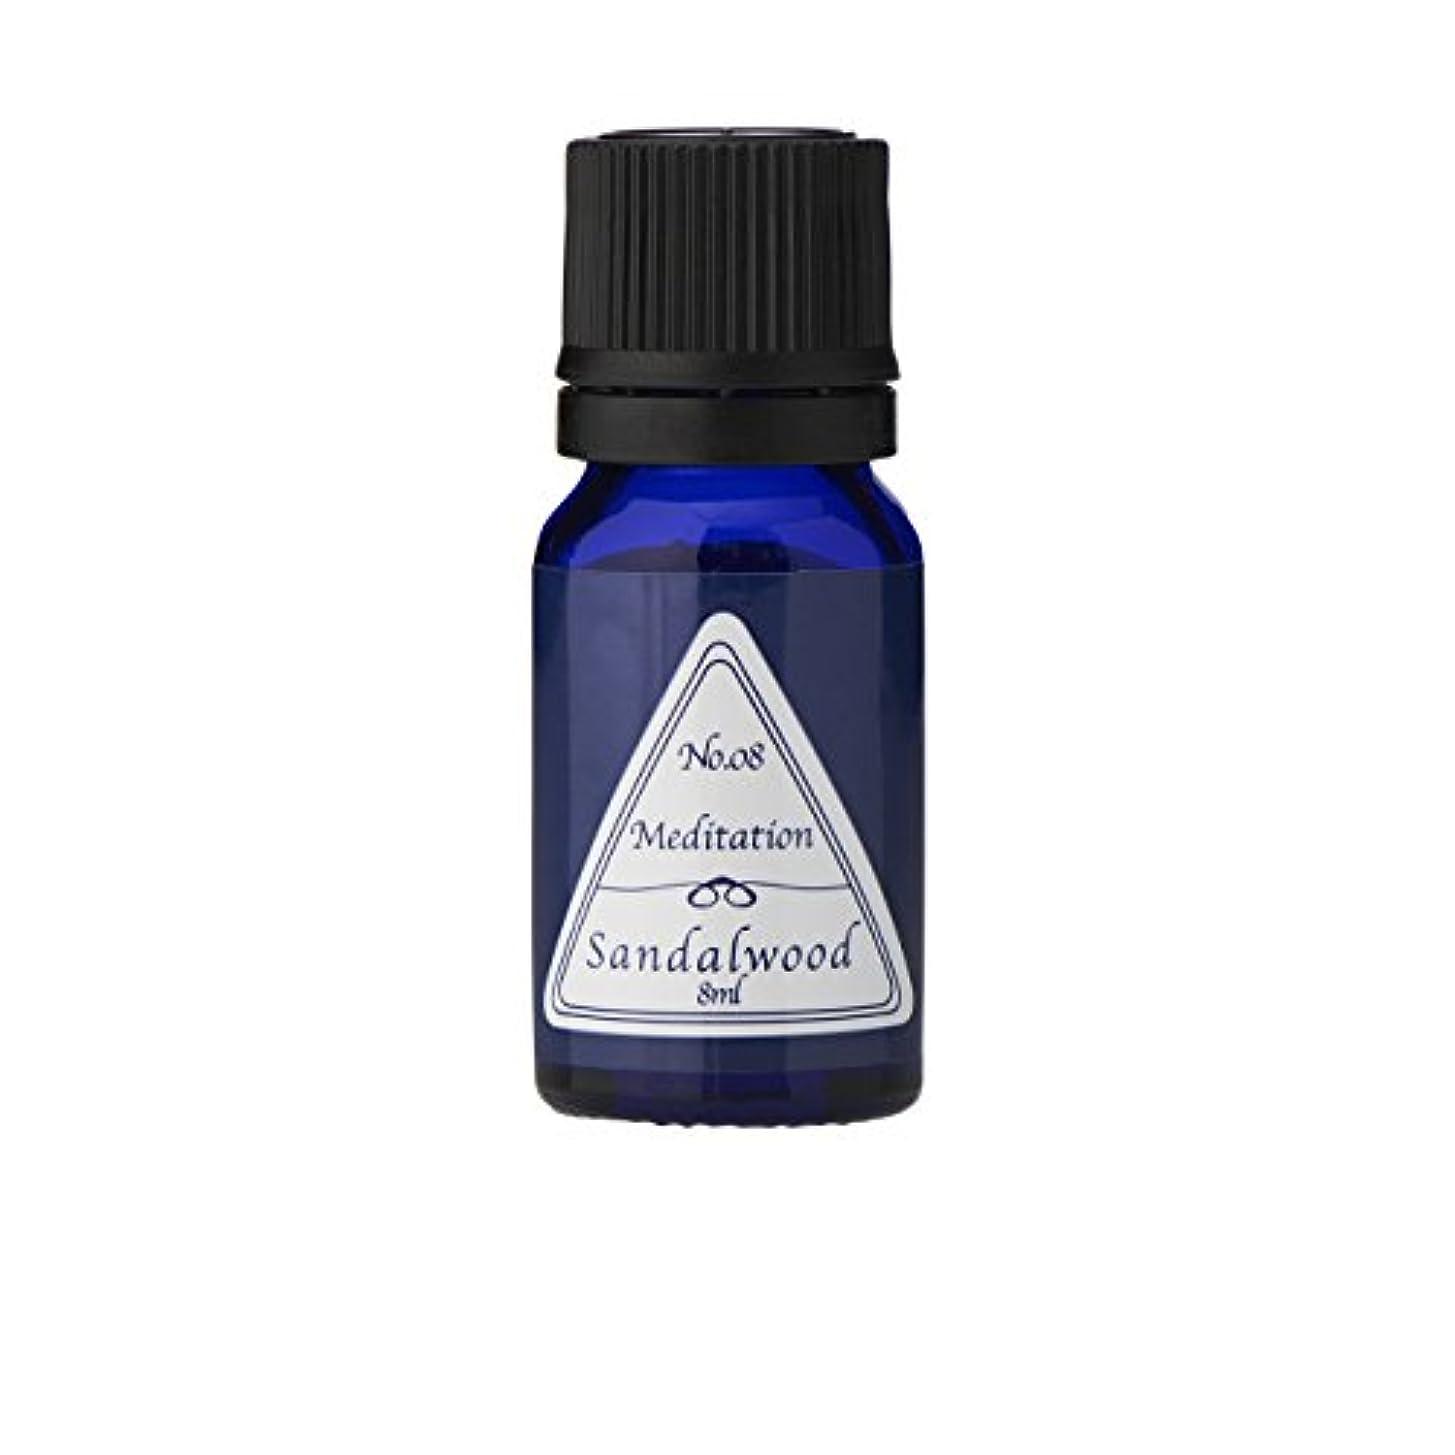 気がついてネスト代数ブルーラベル アロマエッセンス8ml サンダルウッド(アロマオイル 調合香料 芳香用)